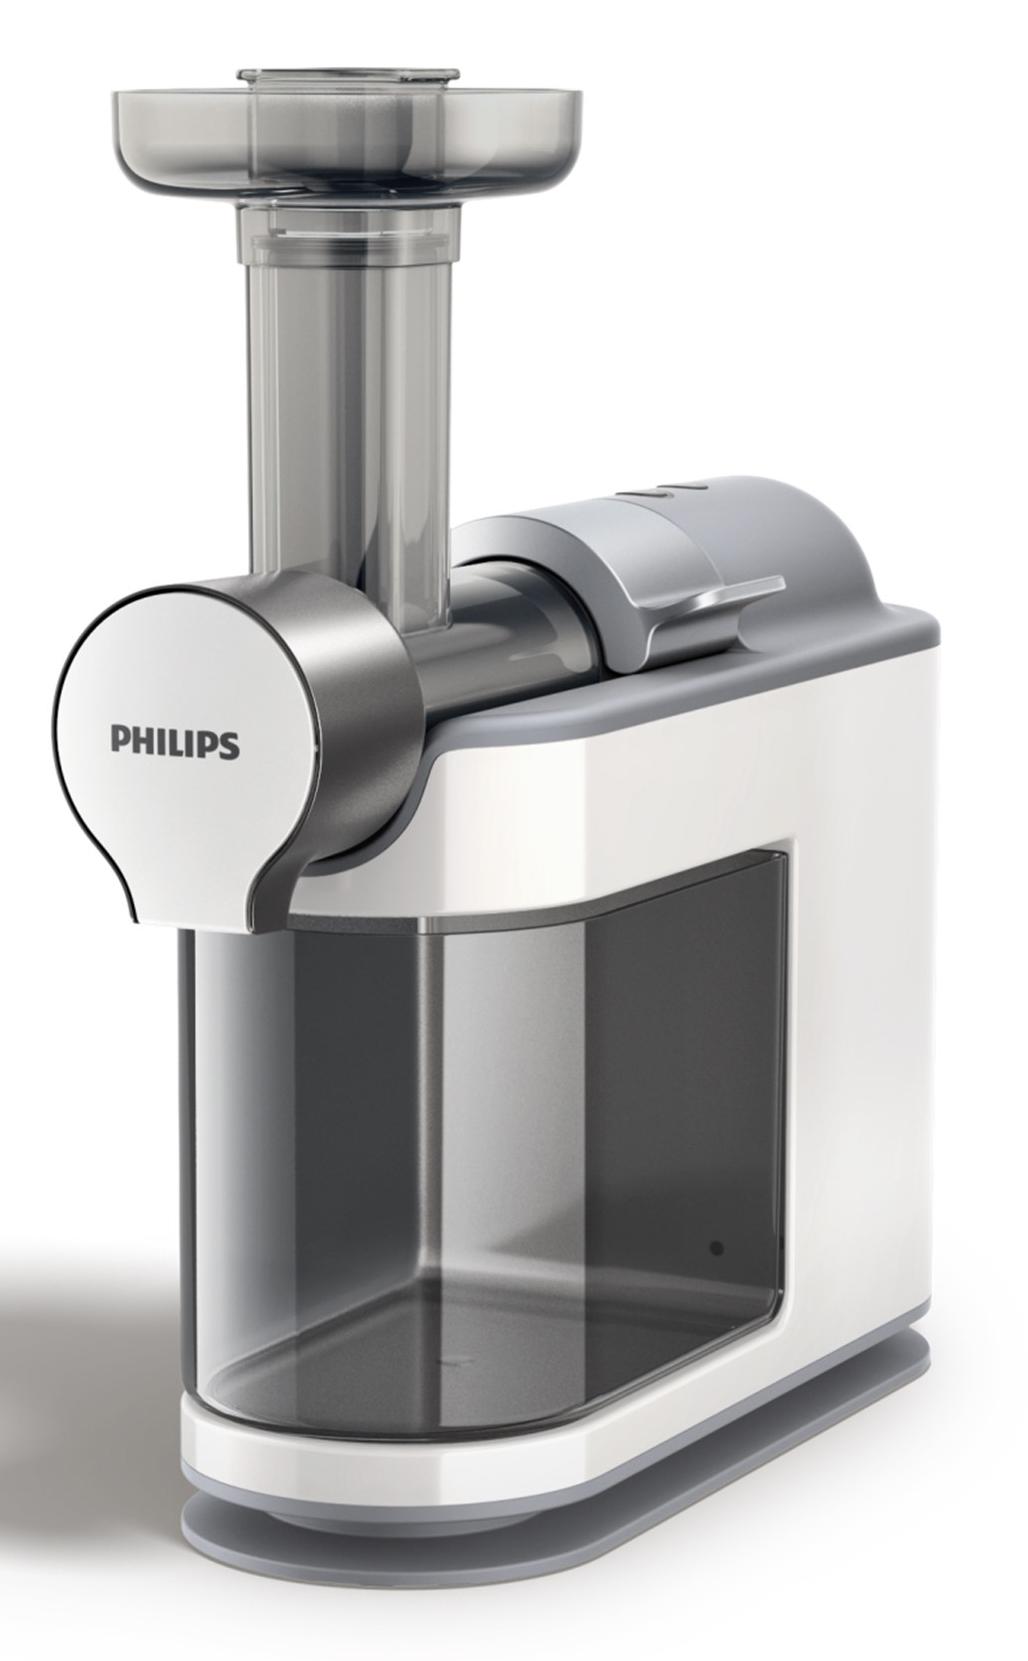 avance-collection-extracteur-de-jus-philips